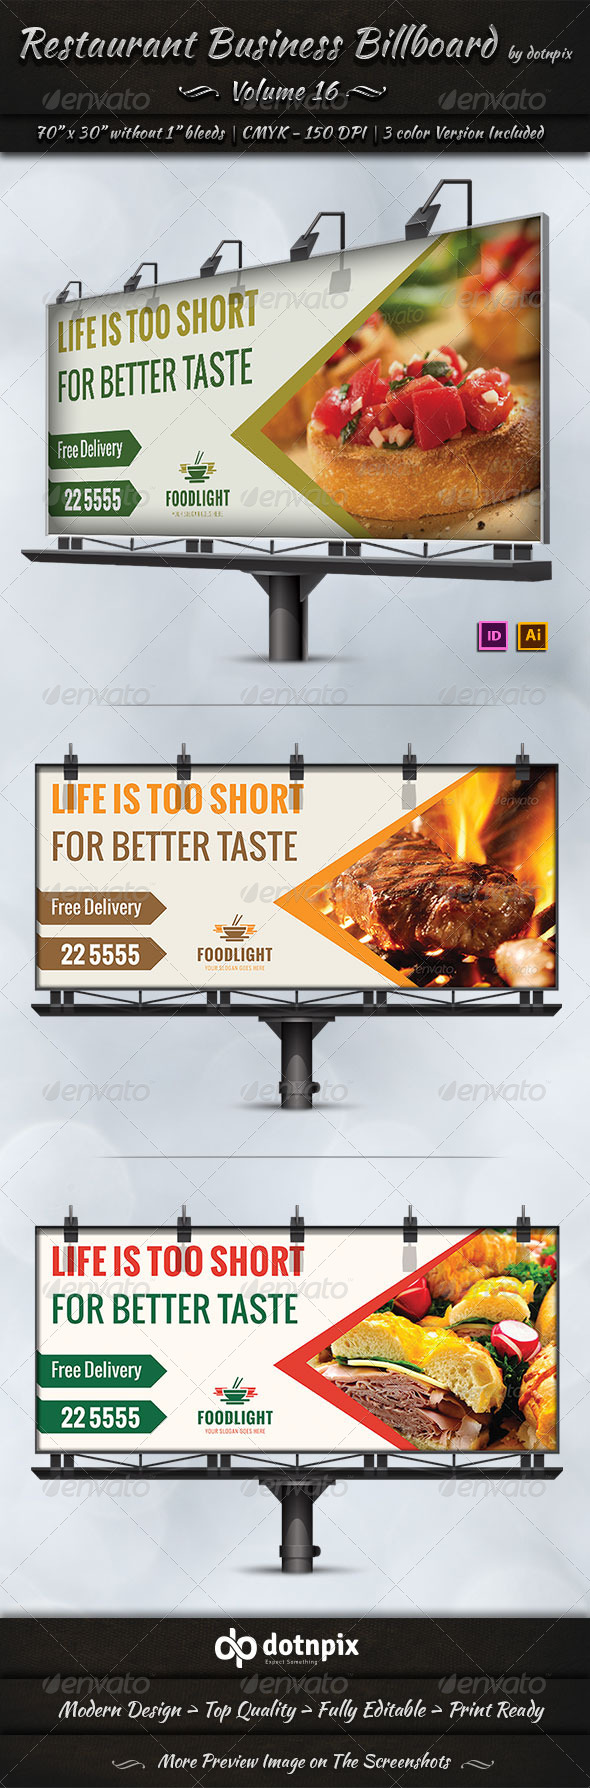 GraphicRiver Restaurant Business Billboard Volume 16 8055926